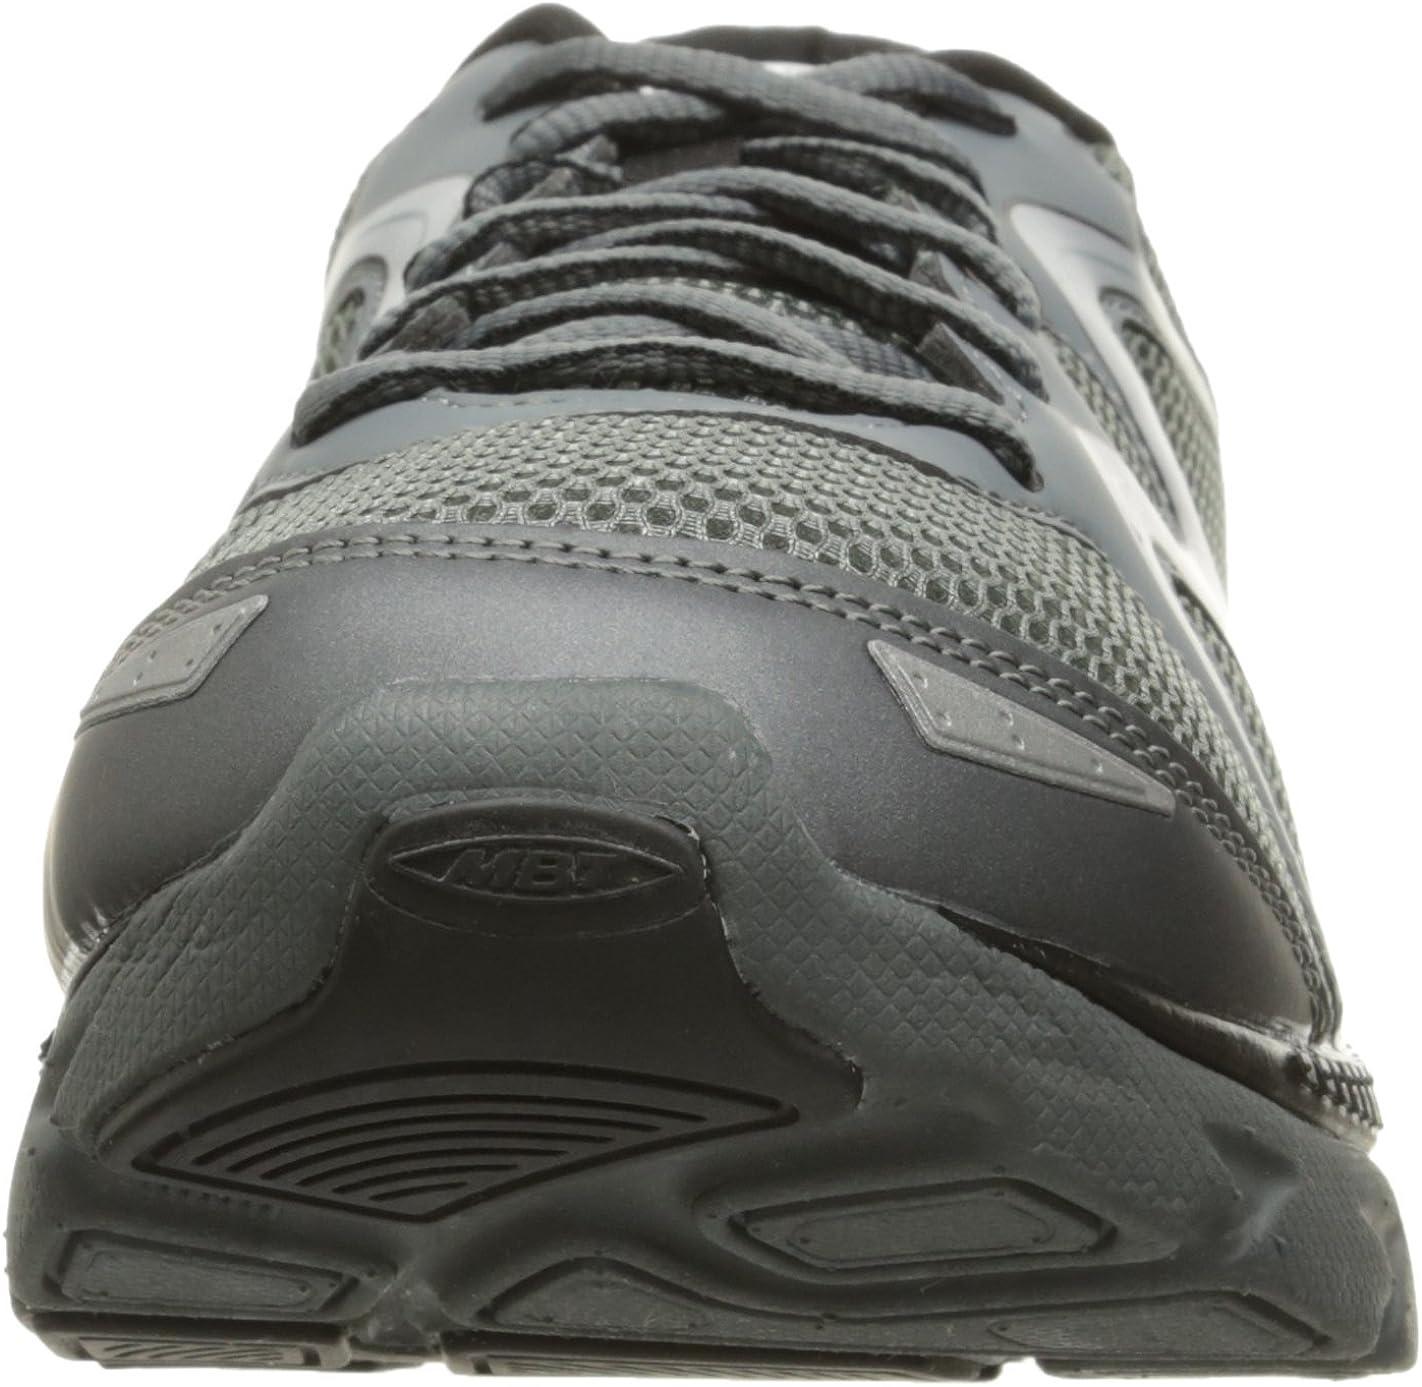 Zapatillas de Deporte para Hombre MBT Speed 16 M